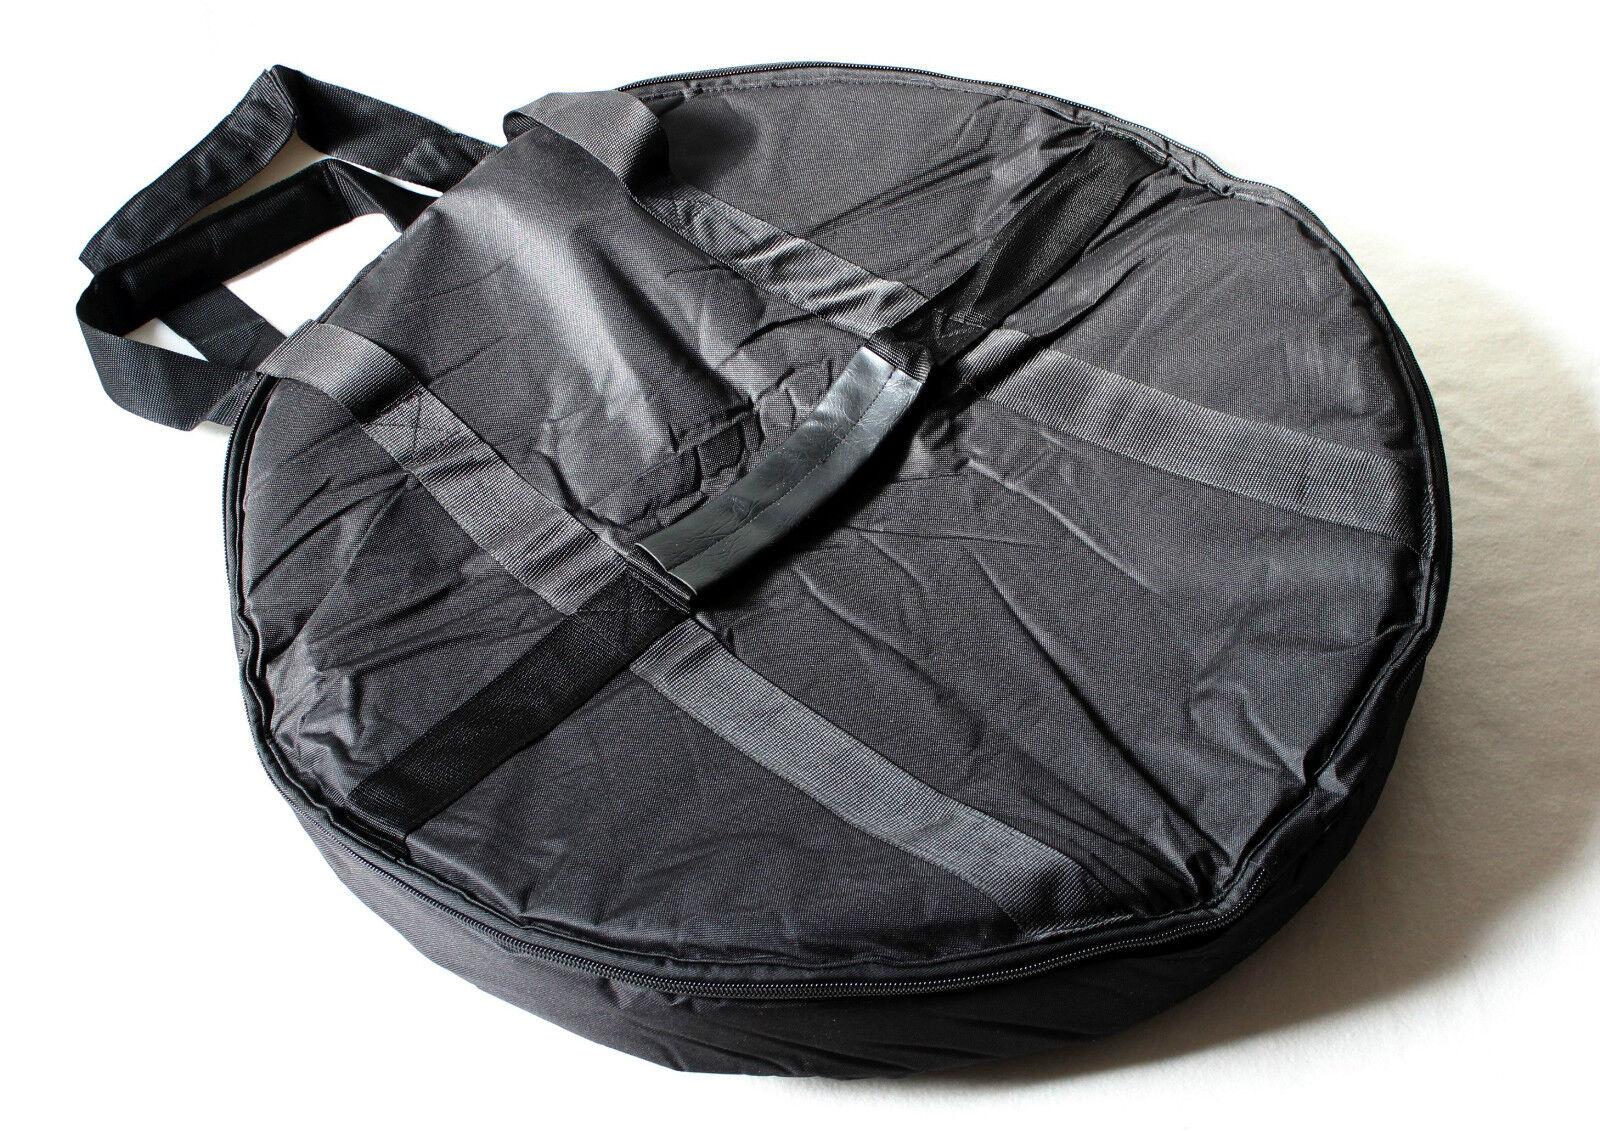 Dick gepolstertete schwarze Gong Tasche 80cm